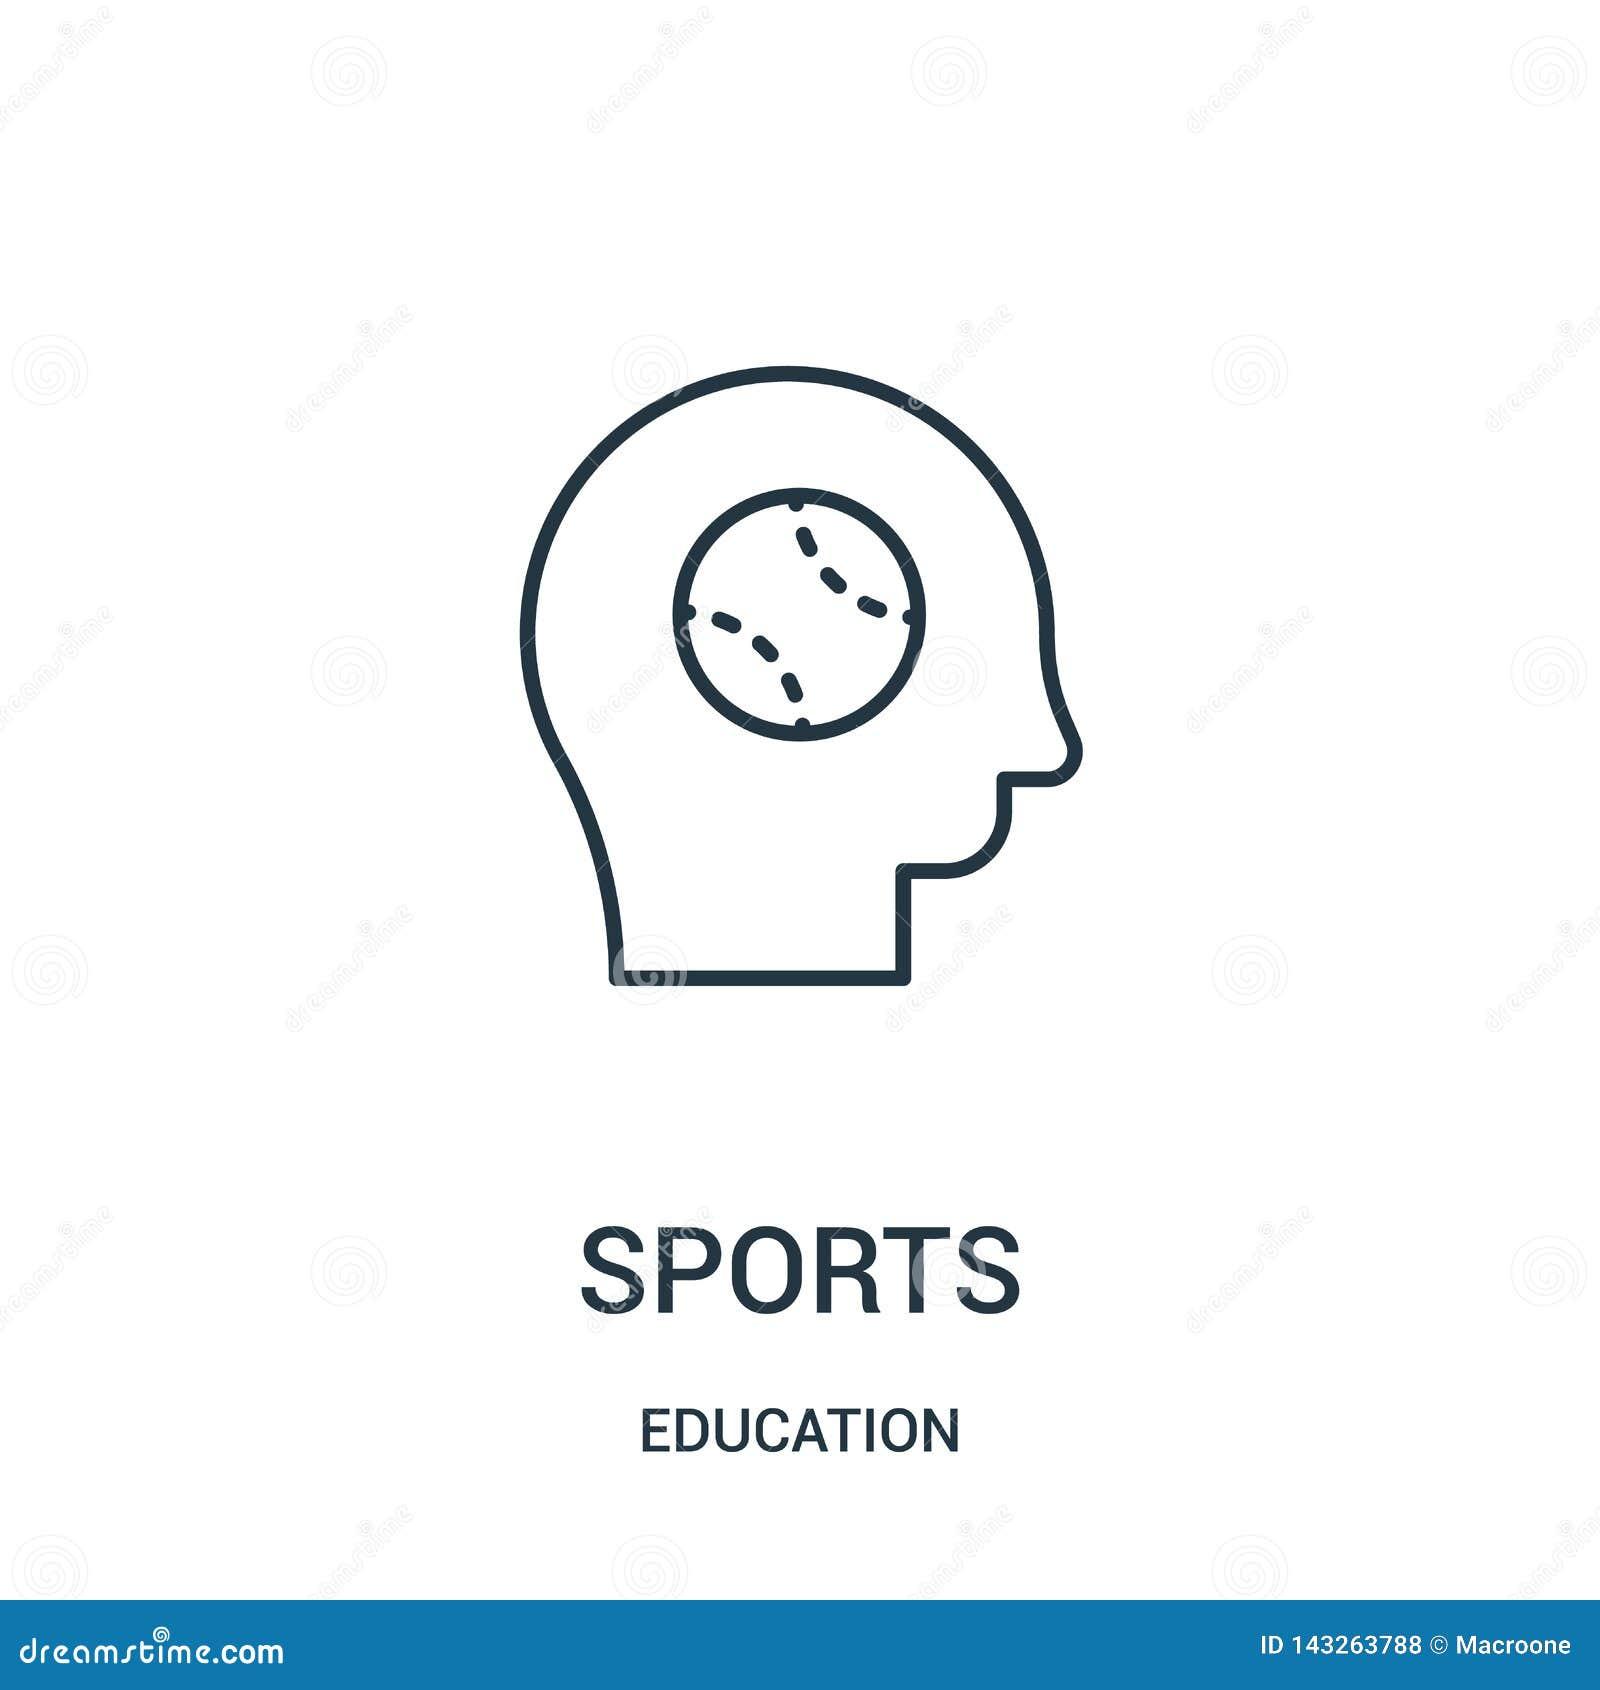 διάνυσμα αθλητικών εικονιδίων από τη συλλογή εκπαίδευσης Λεπτή διανυσματική απεικόνιση εικονιδίων αθλητικών περιλήψεων γραμμών